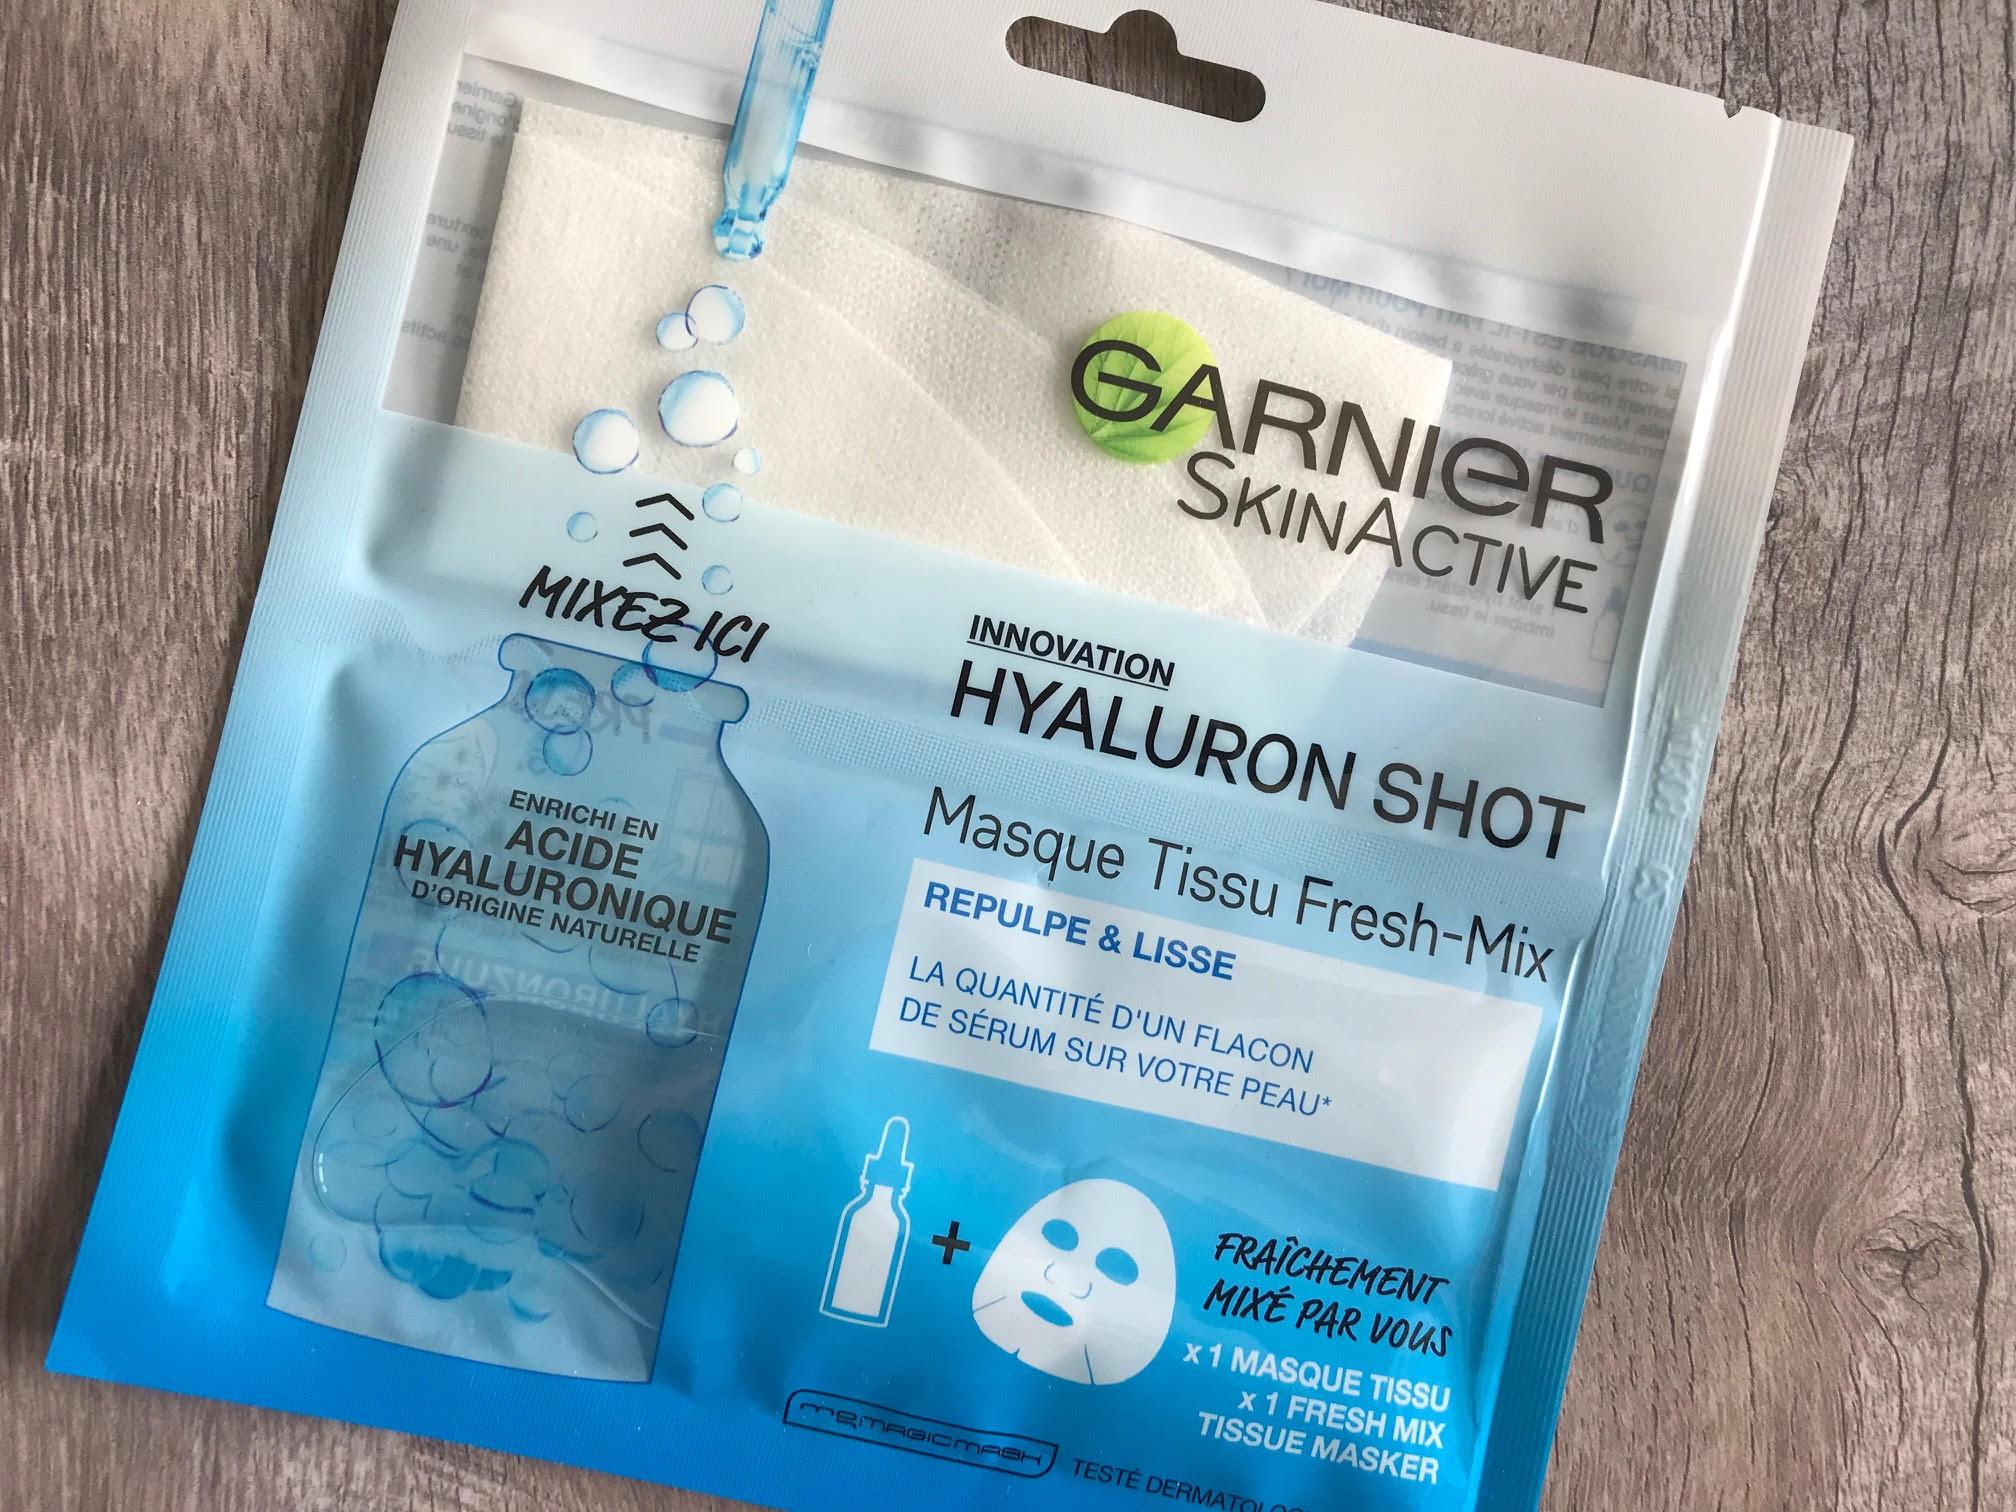 garnier skinactive freshmix hyaluron mask